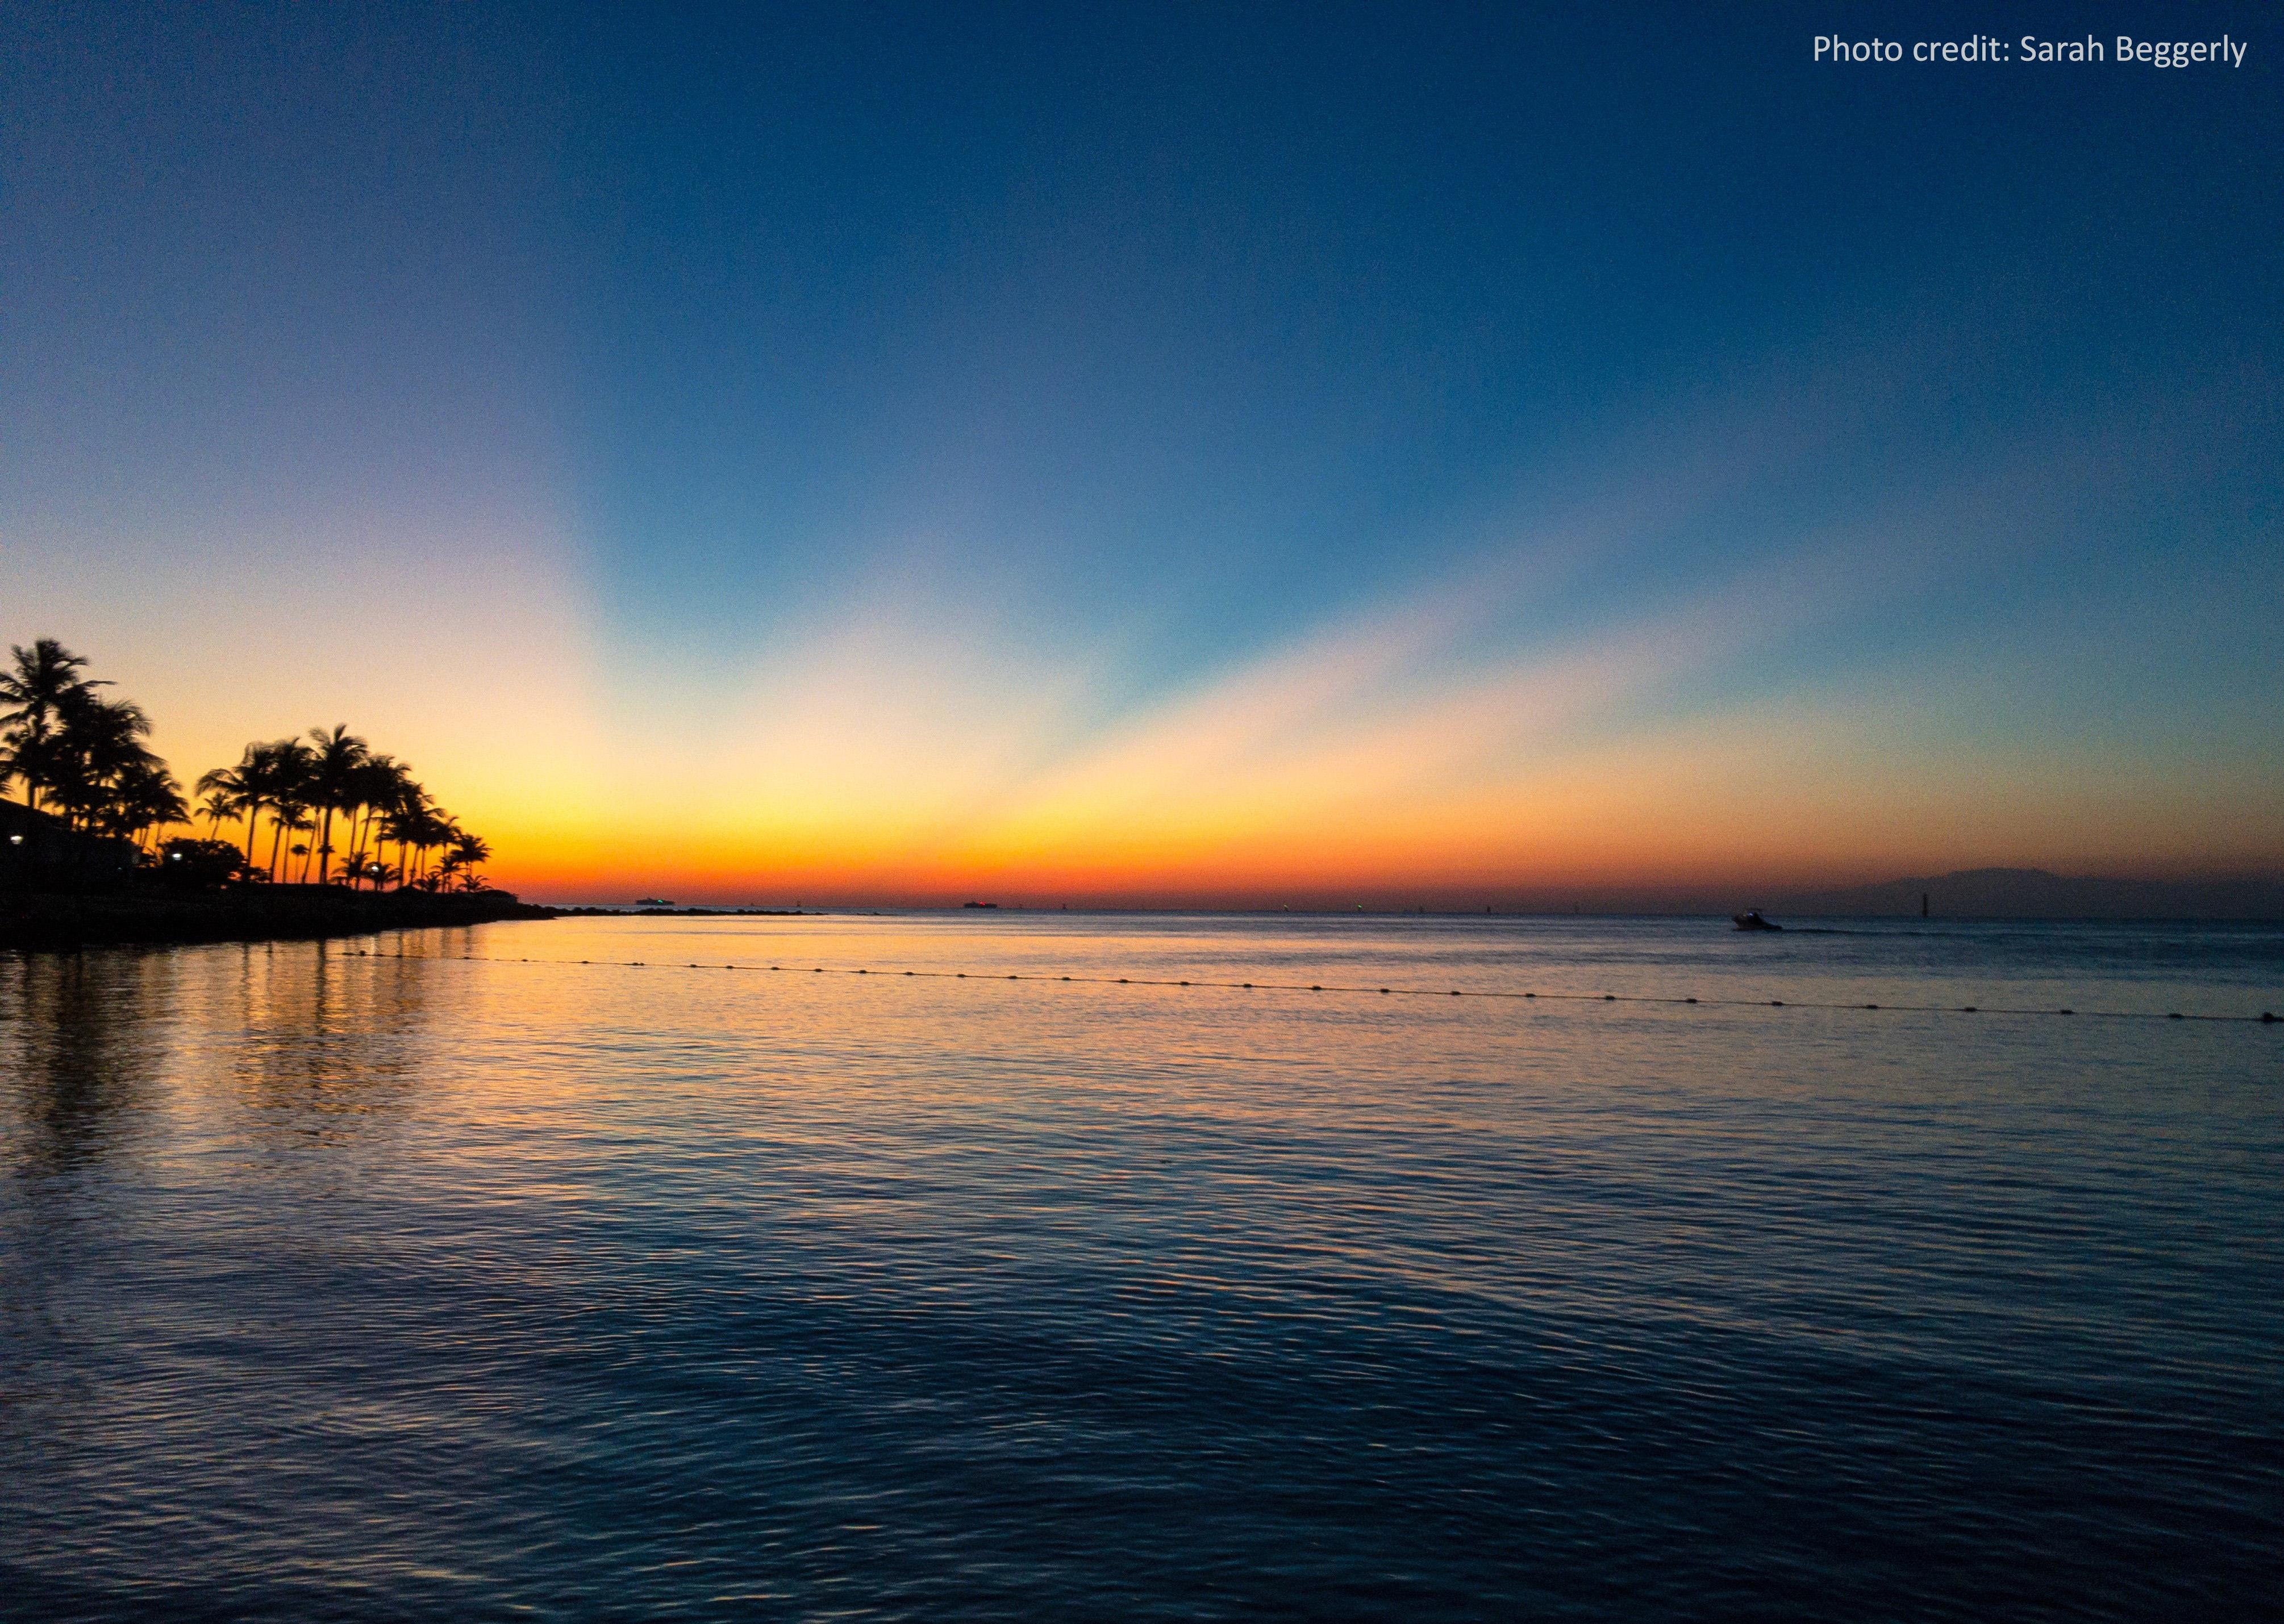 Sunrise at Fisher Island, Florida